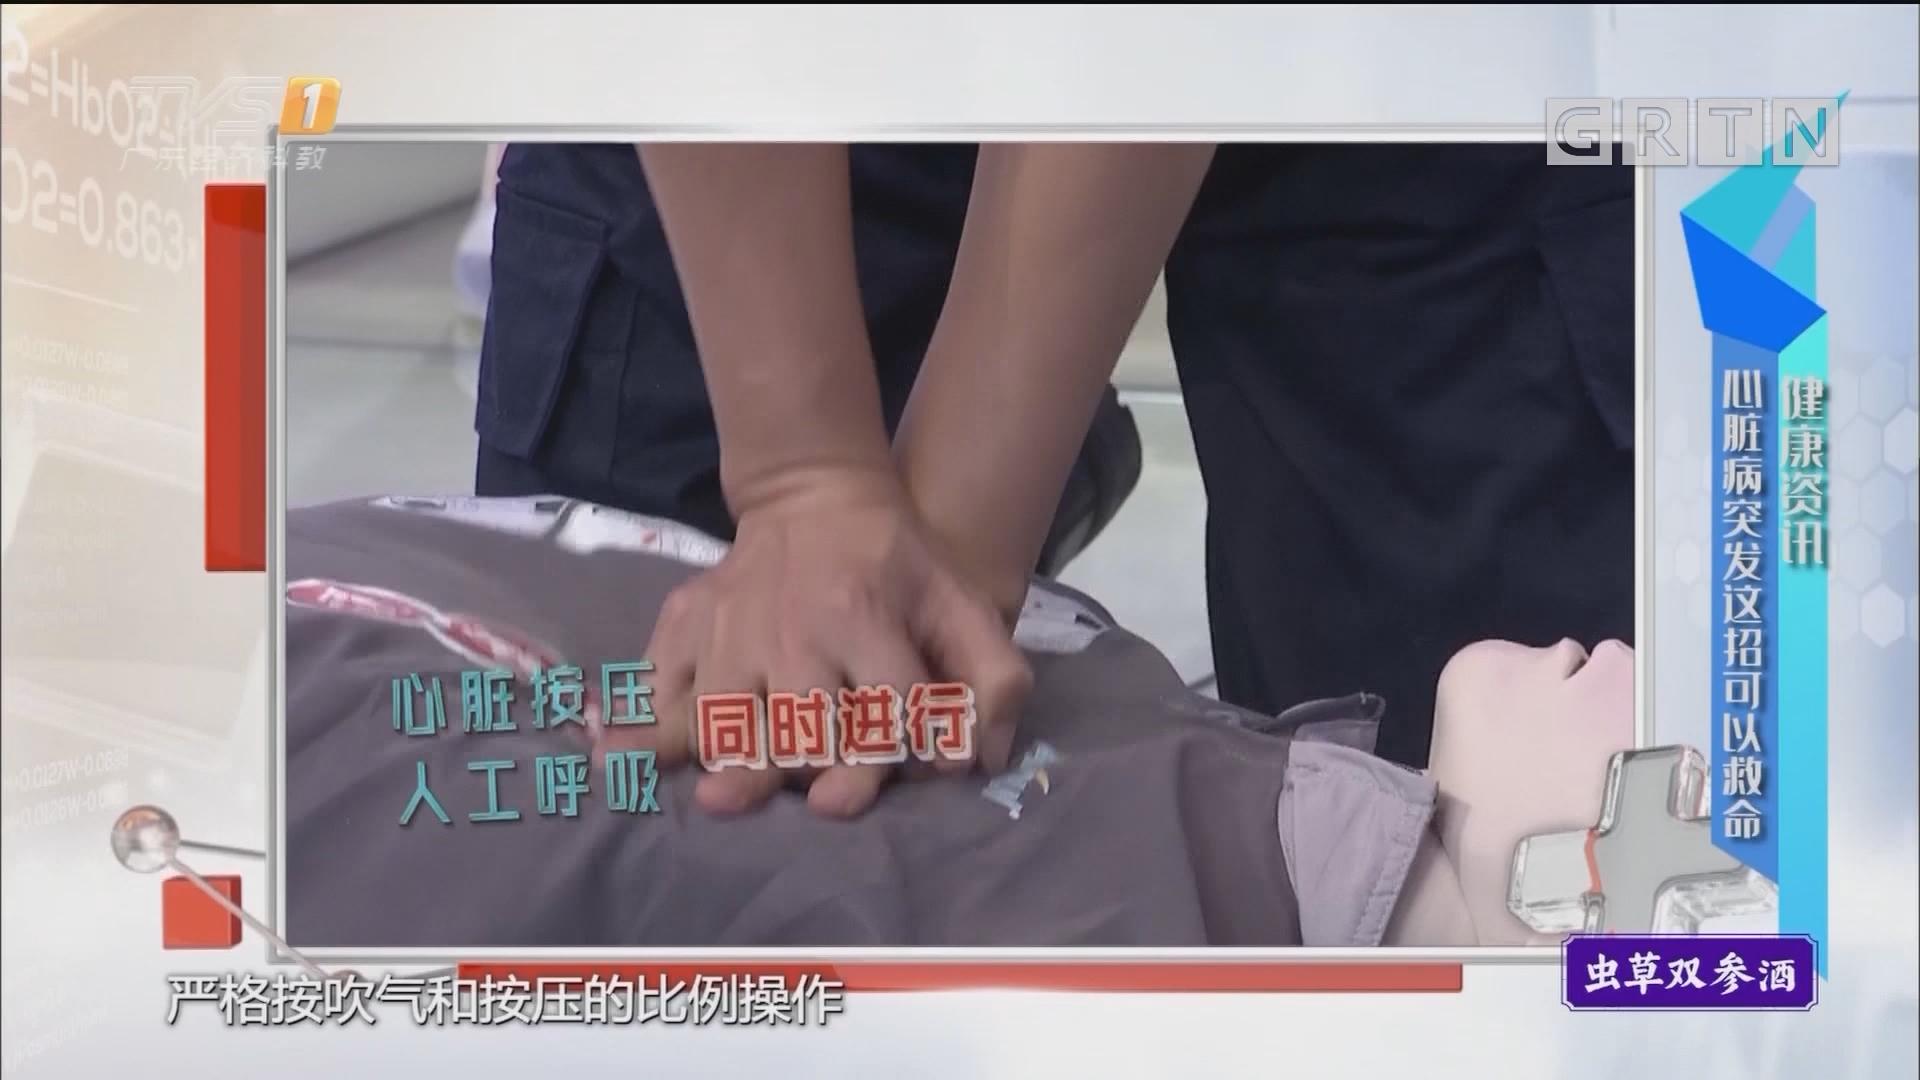 [HD][2019-07-11]经视健康+:精明奶奶:天上不会掉馅饼 贪小便宜吃大亏